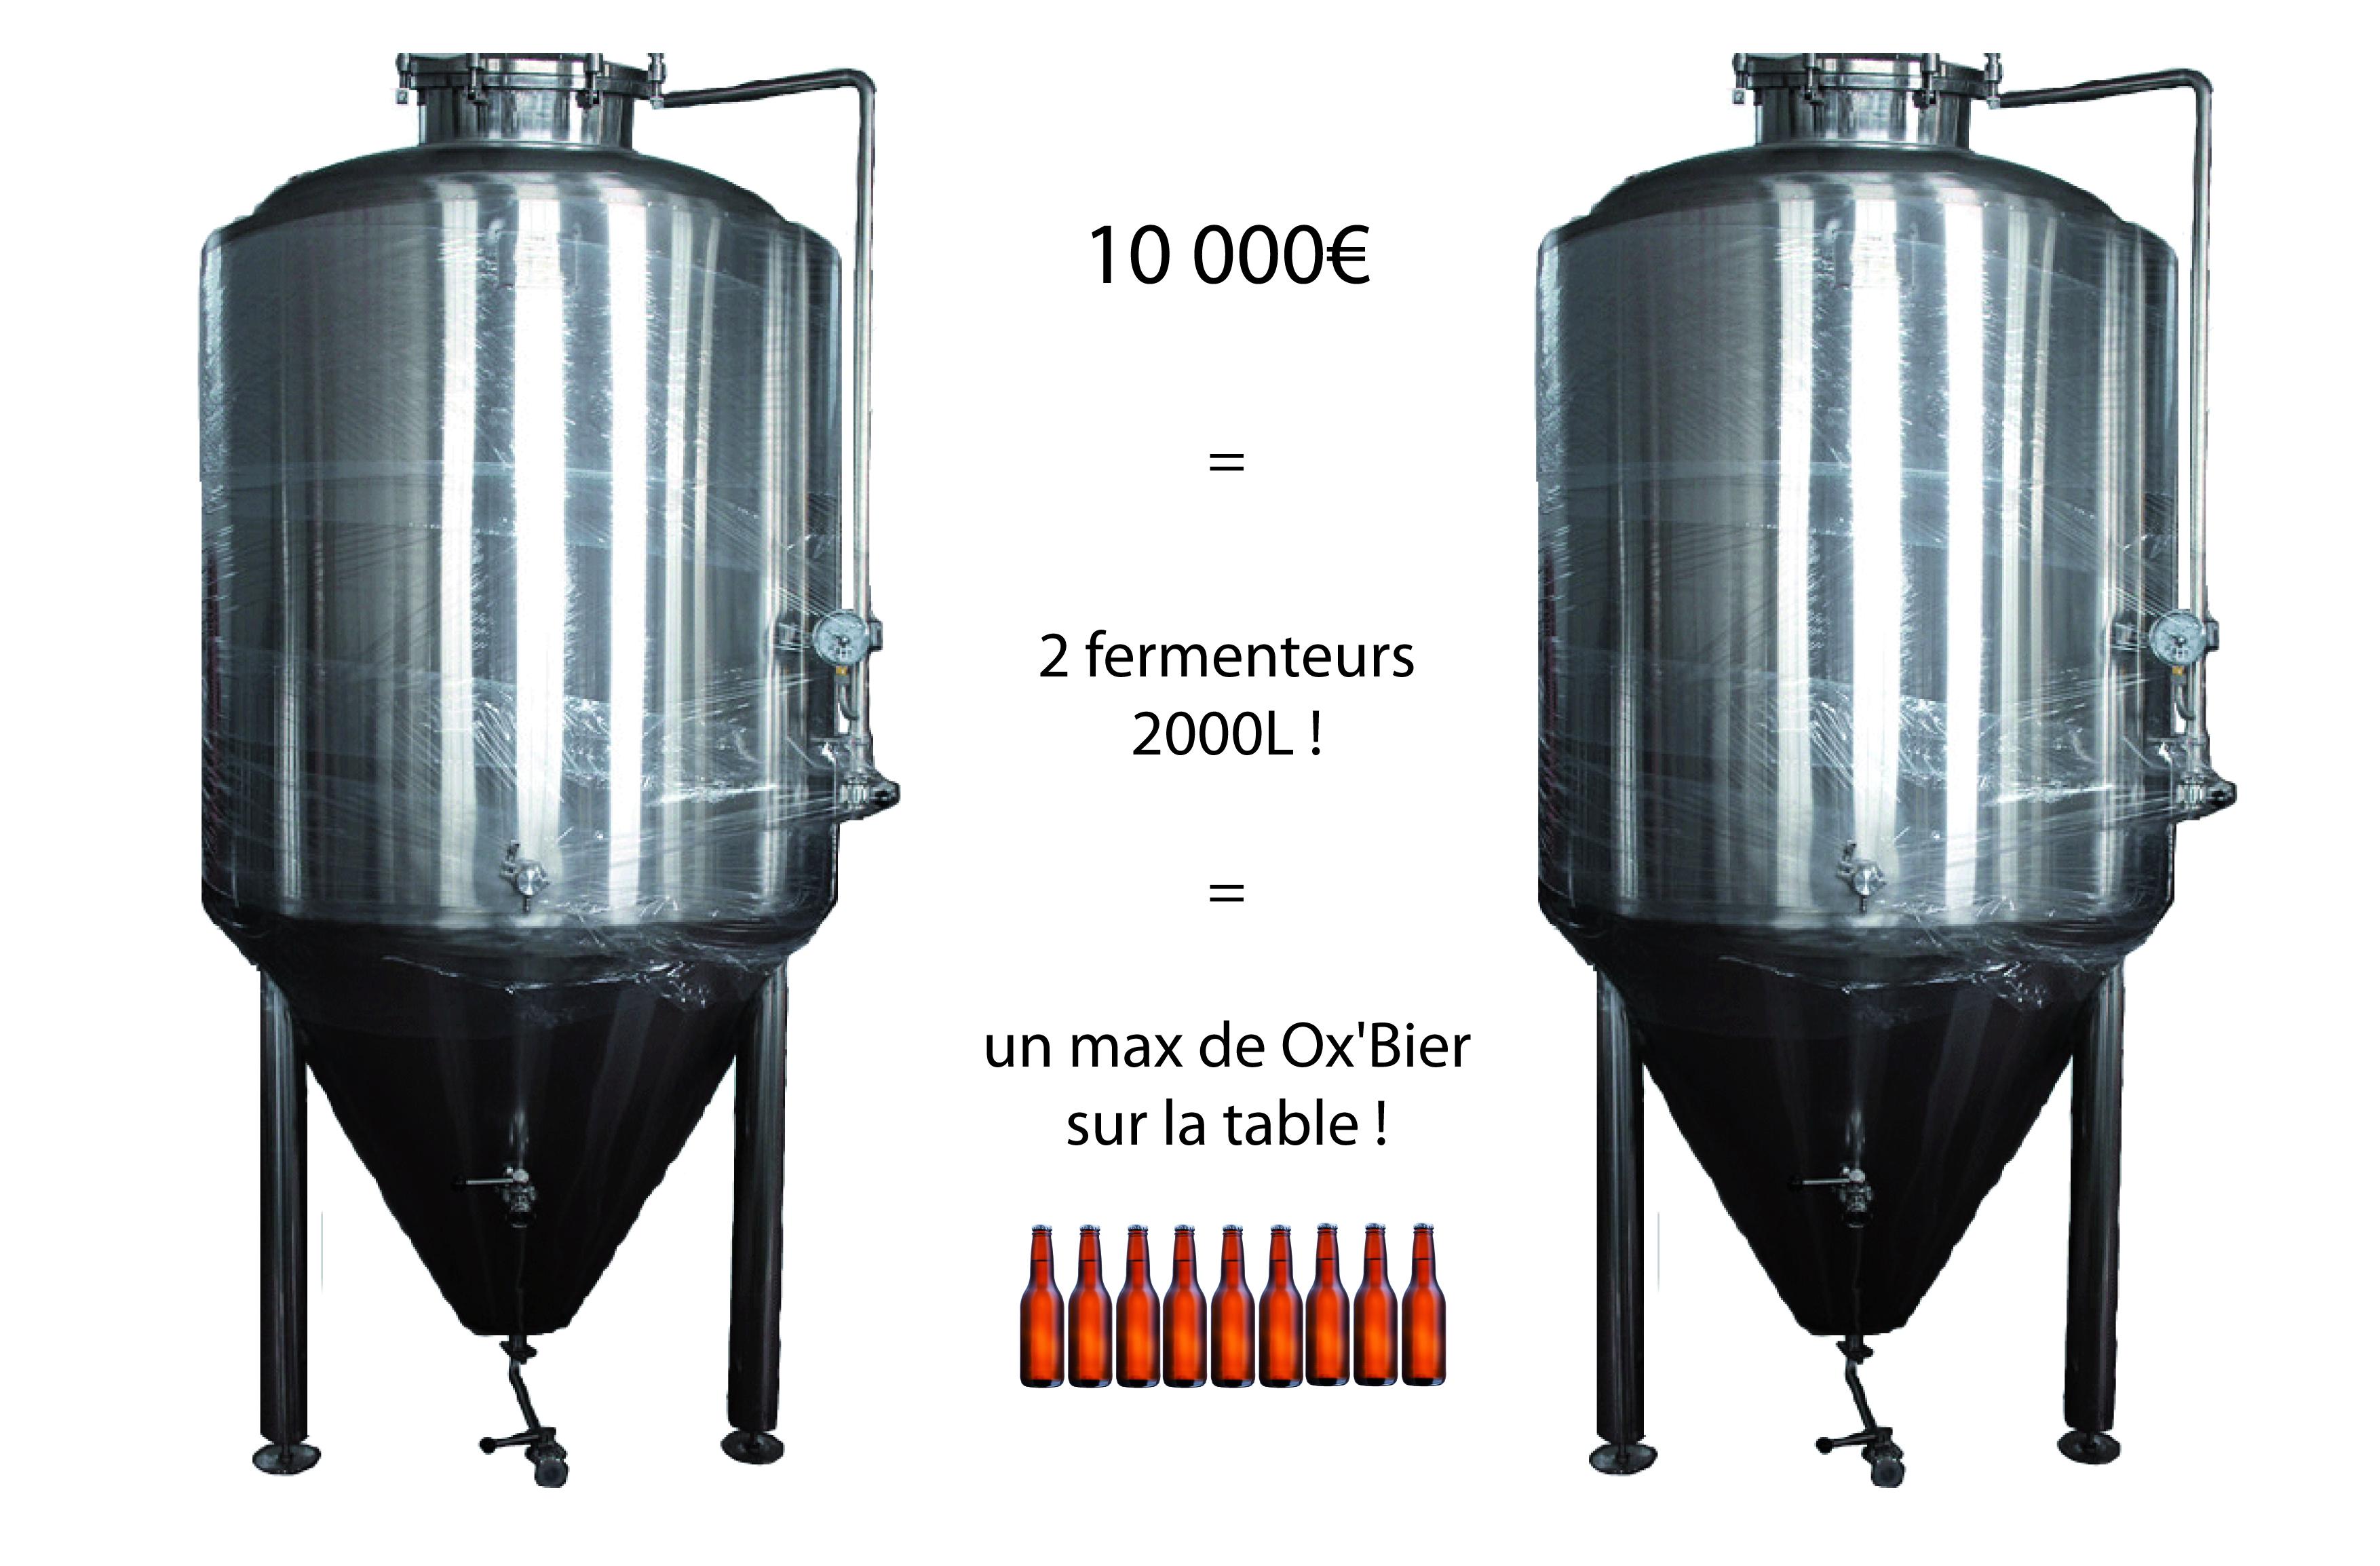 fermenteurs_x2.jpg